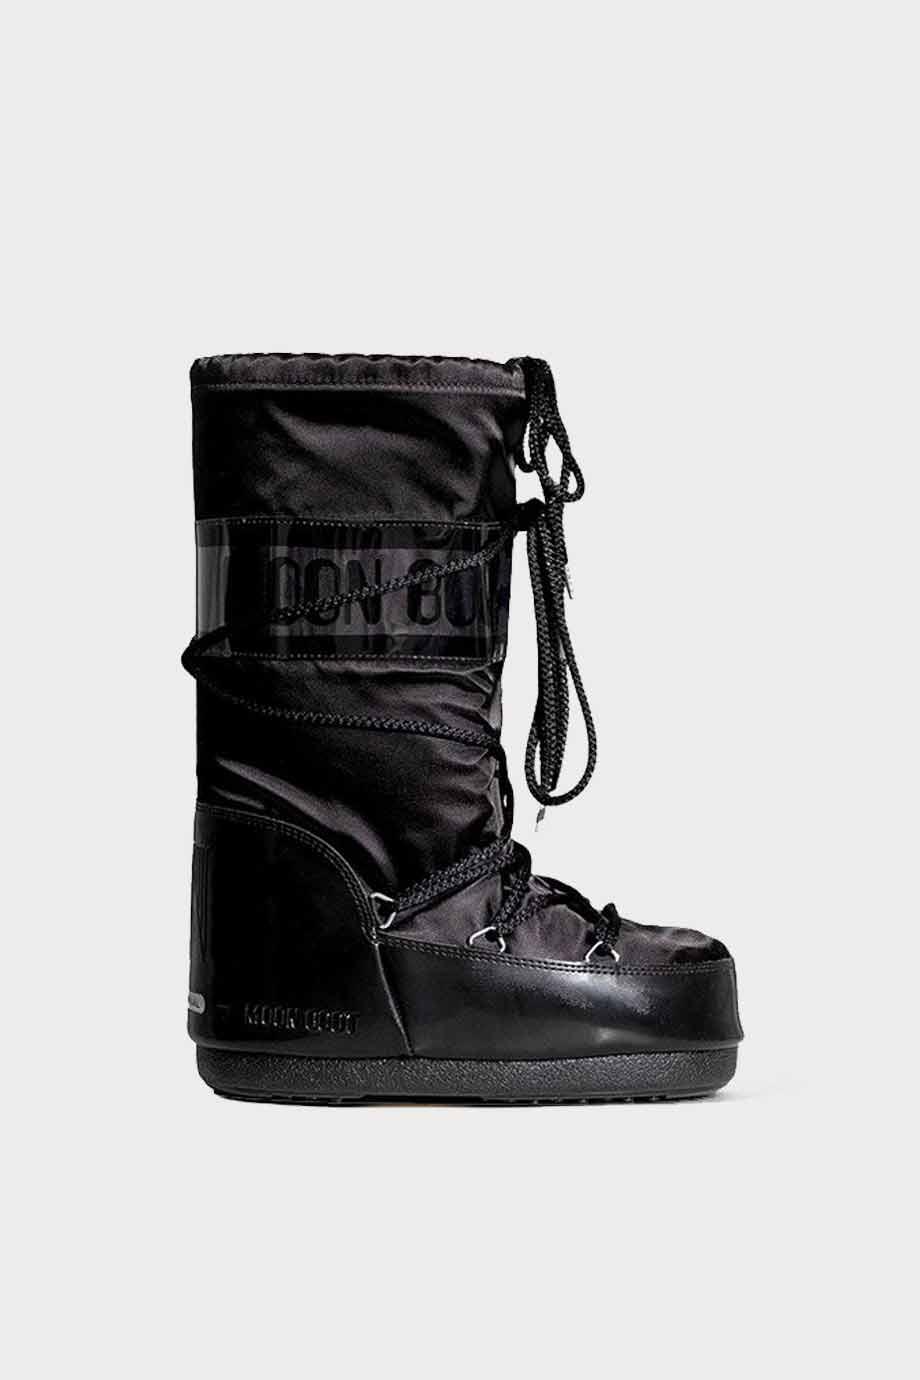 spiridoula metheniti shoes xalkida p 14016800 003 black high MoonBoot